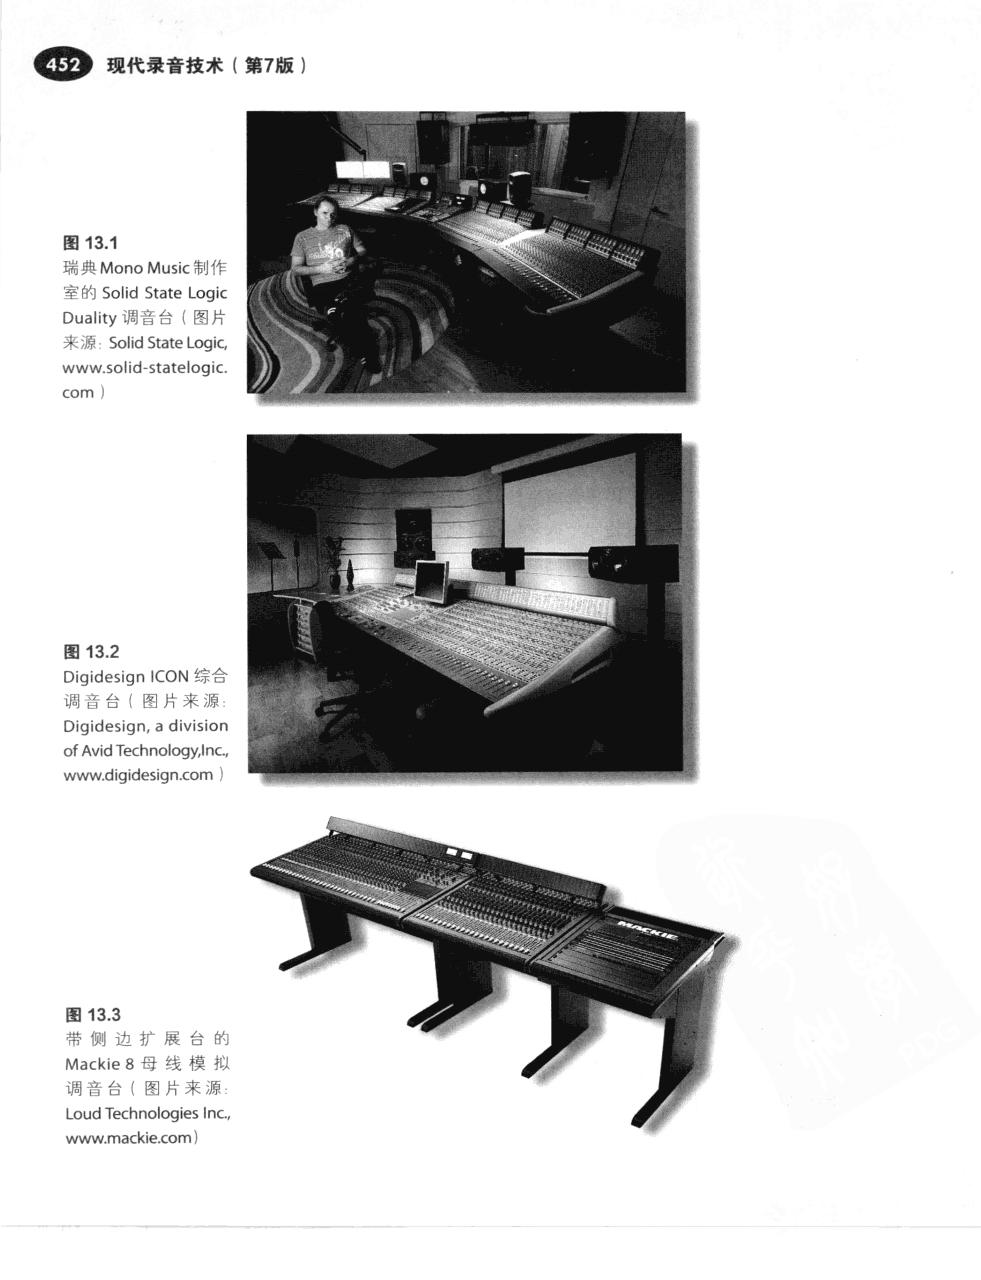 现代录音技术(第7版) 479